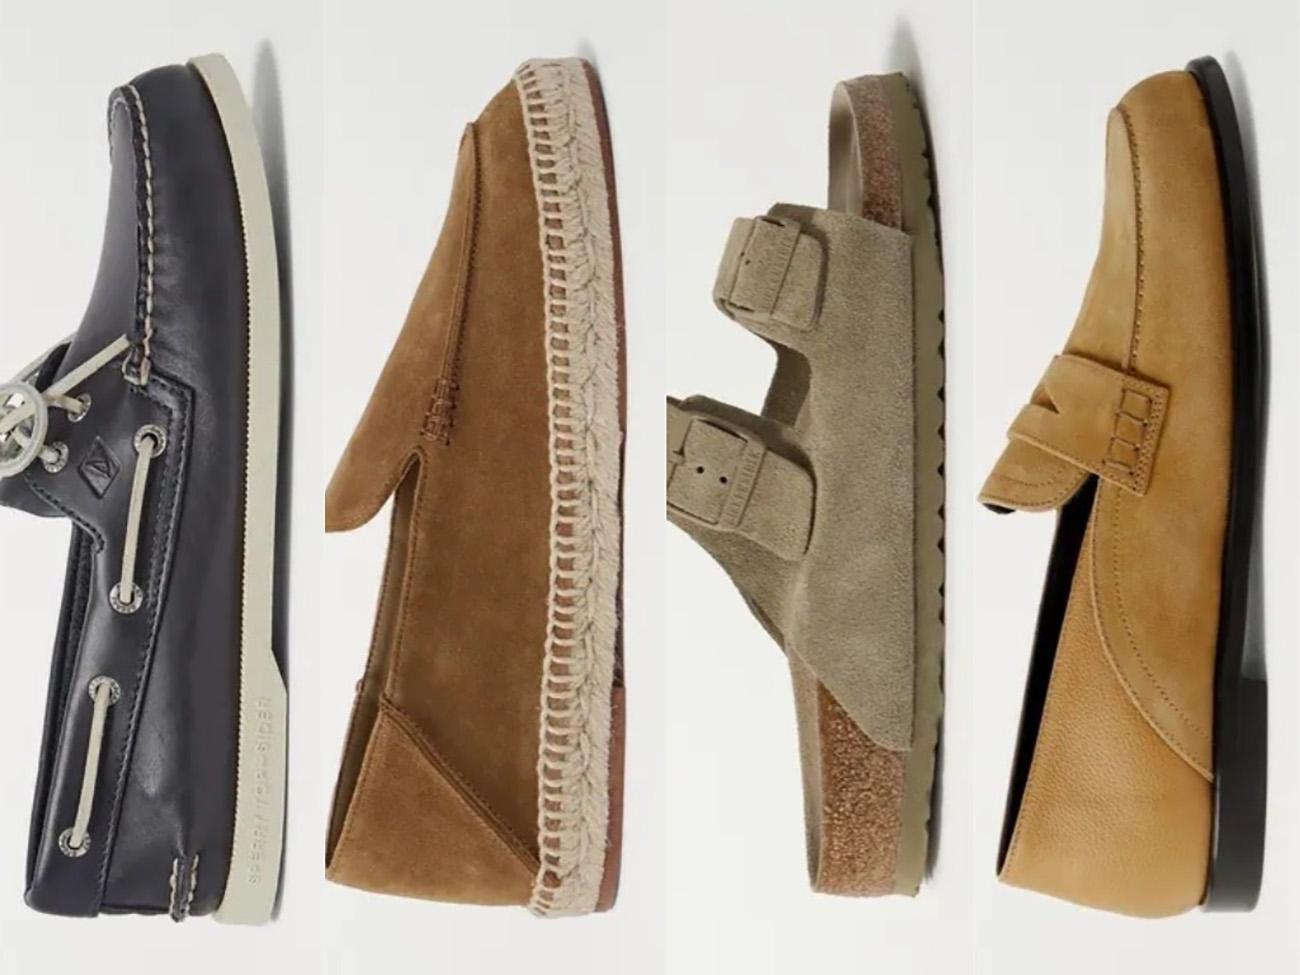 Τα 8 στυλ παπουτσιών που πρέπει να έχεις φέτος το καλοκαίρι